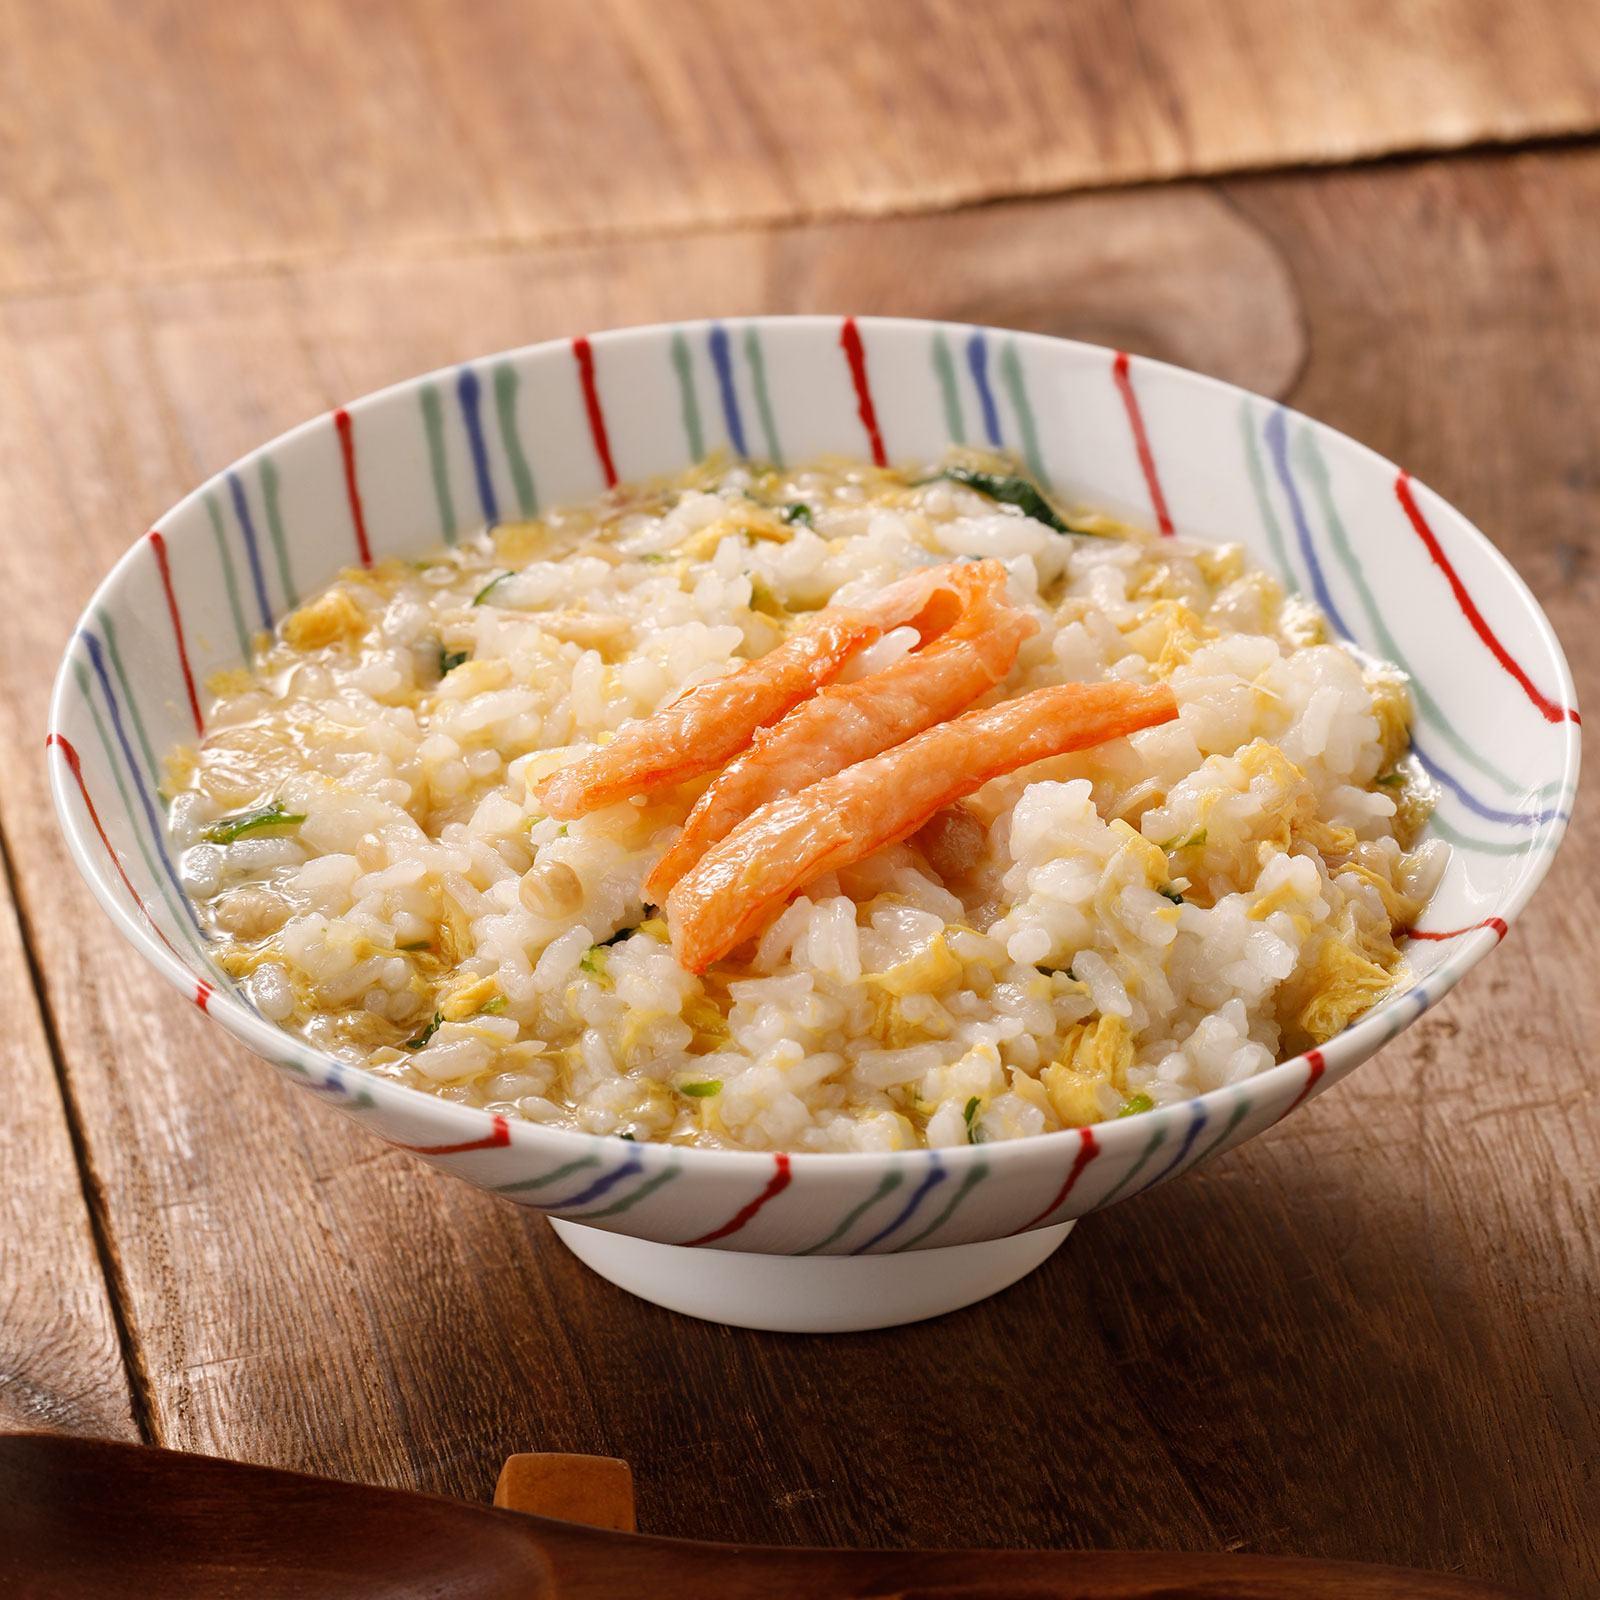 ふわふわの天美卵に、鳥取県産紅ズワイガニ、そして国産野菜をたっぷりと味わえる蟹ぞうすい